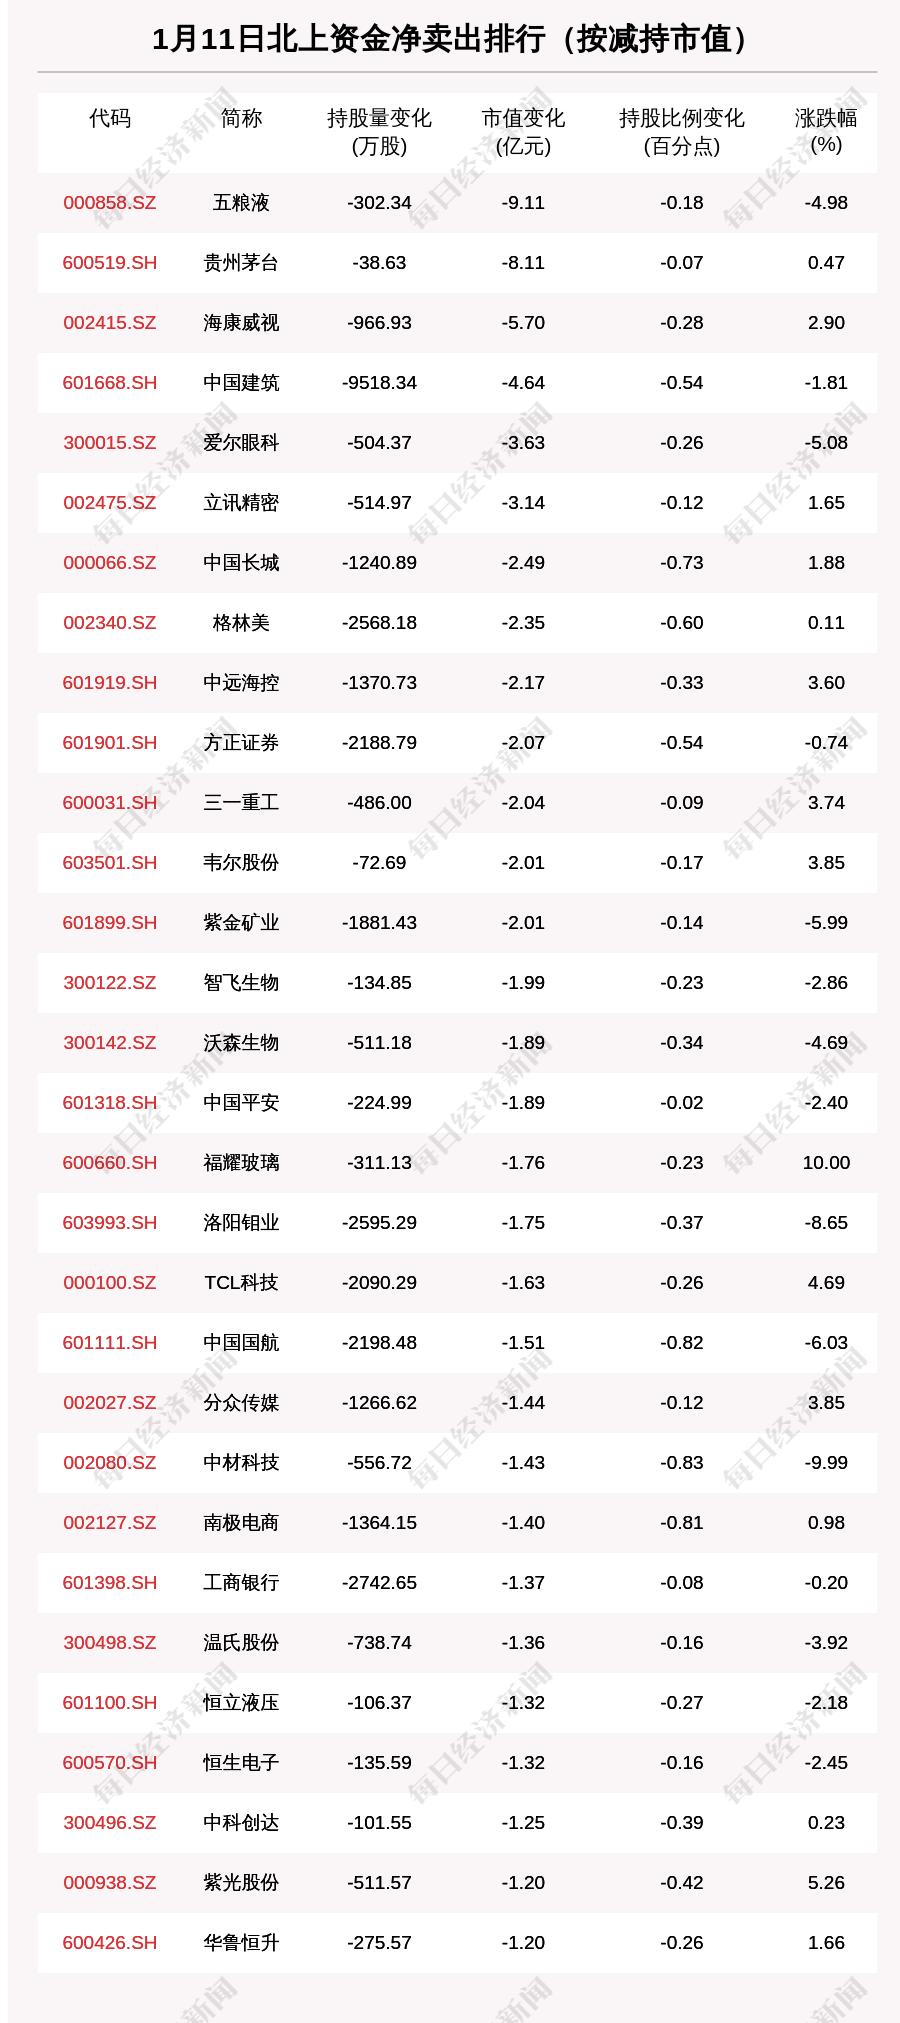 """北向资金动向曝光:""""白酒双雄""""双双被抛售超8亿元,这30只个股昨遭大甩卖(附名单)"""